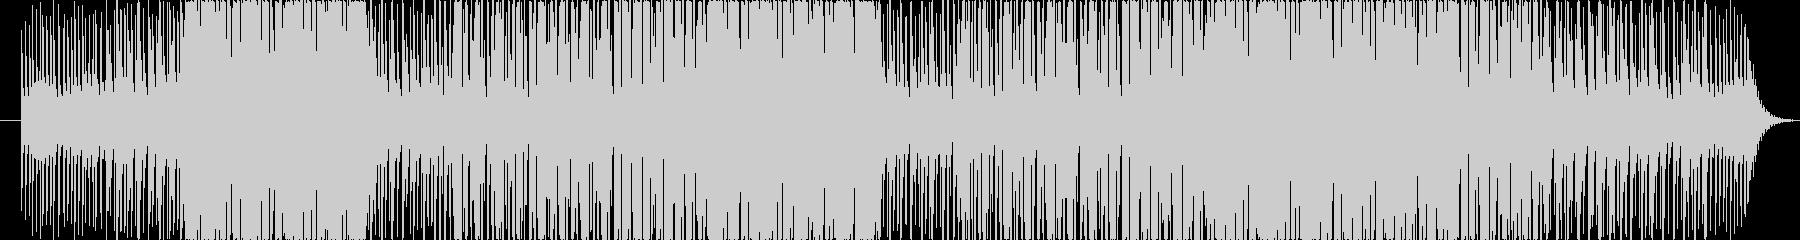 リバーブ強目シンセサイザーとピアノの旋律の未再生の波形